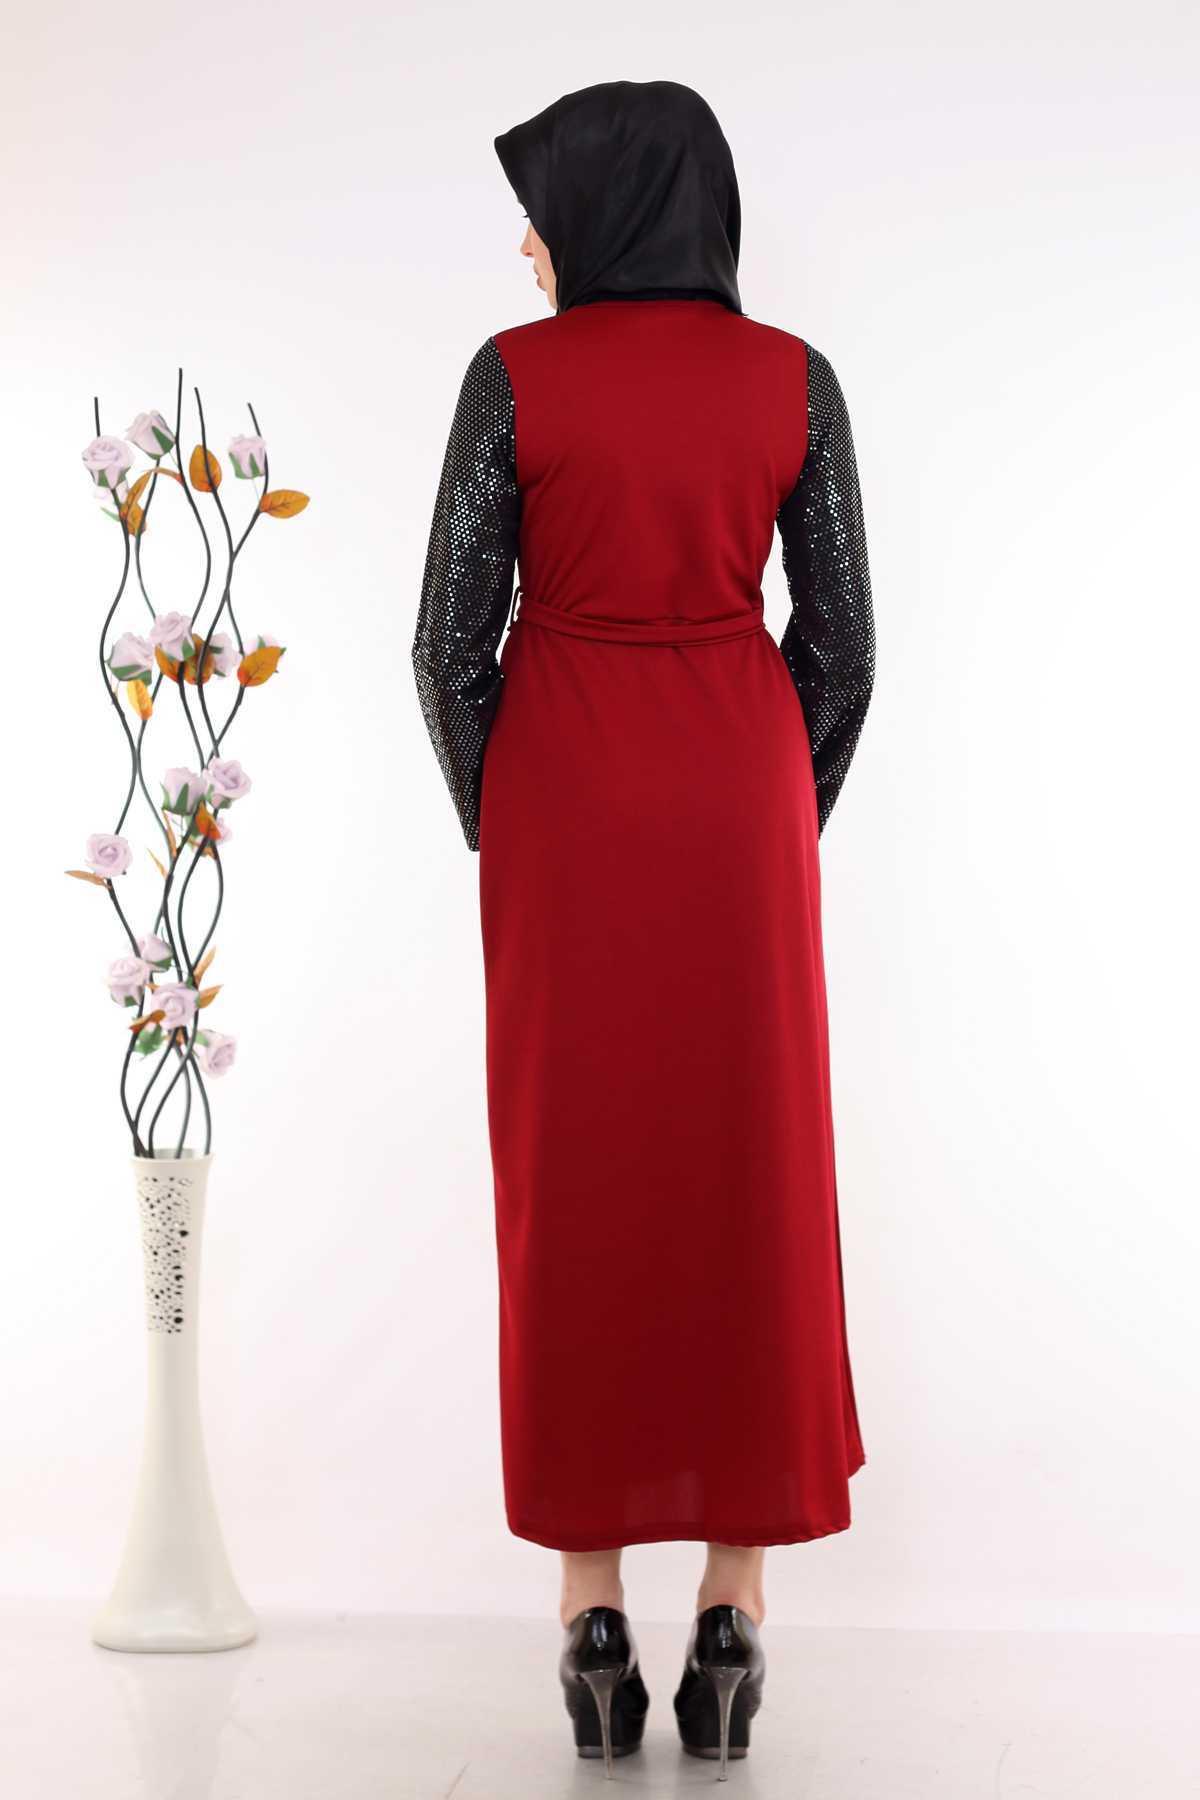 Modaminem Pullu Tesettür Elbise Modelleri